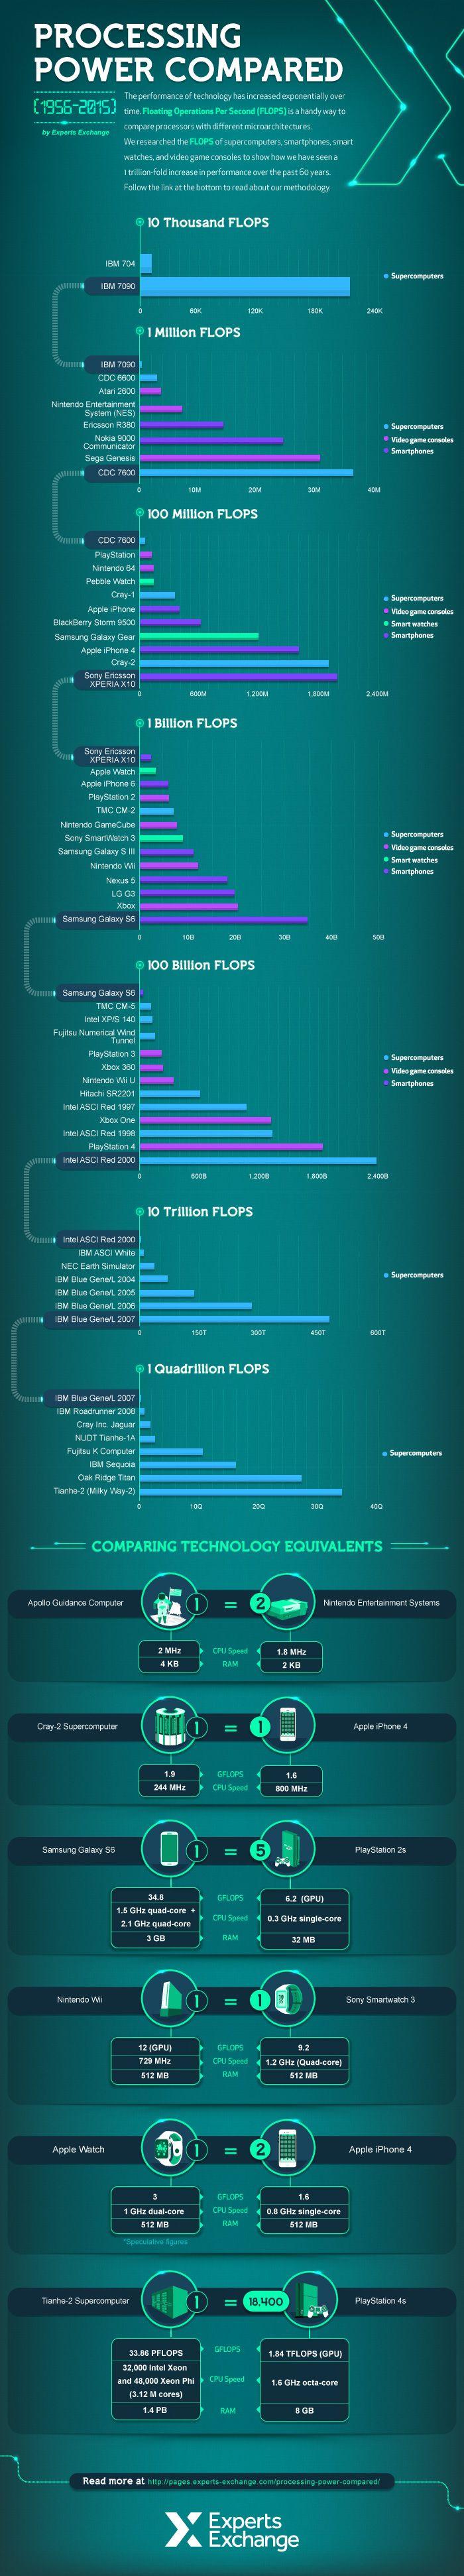 infographie-comparaison-performances-gadgets-technologiques-2